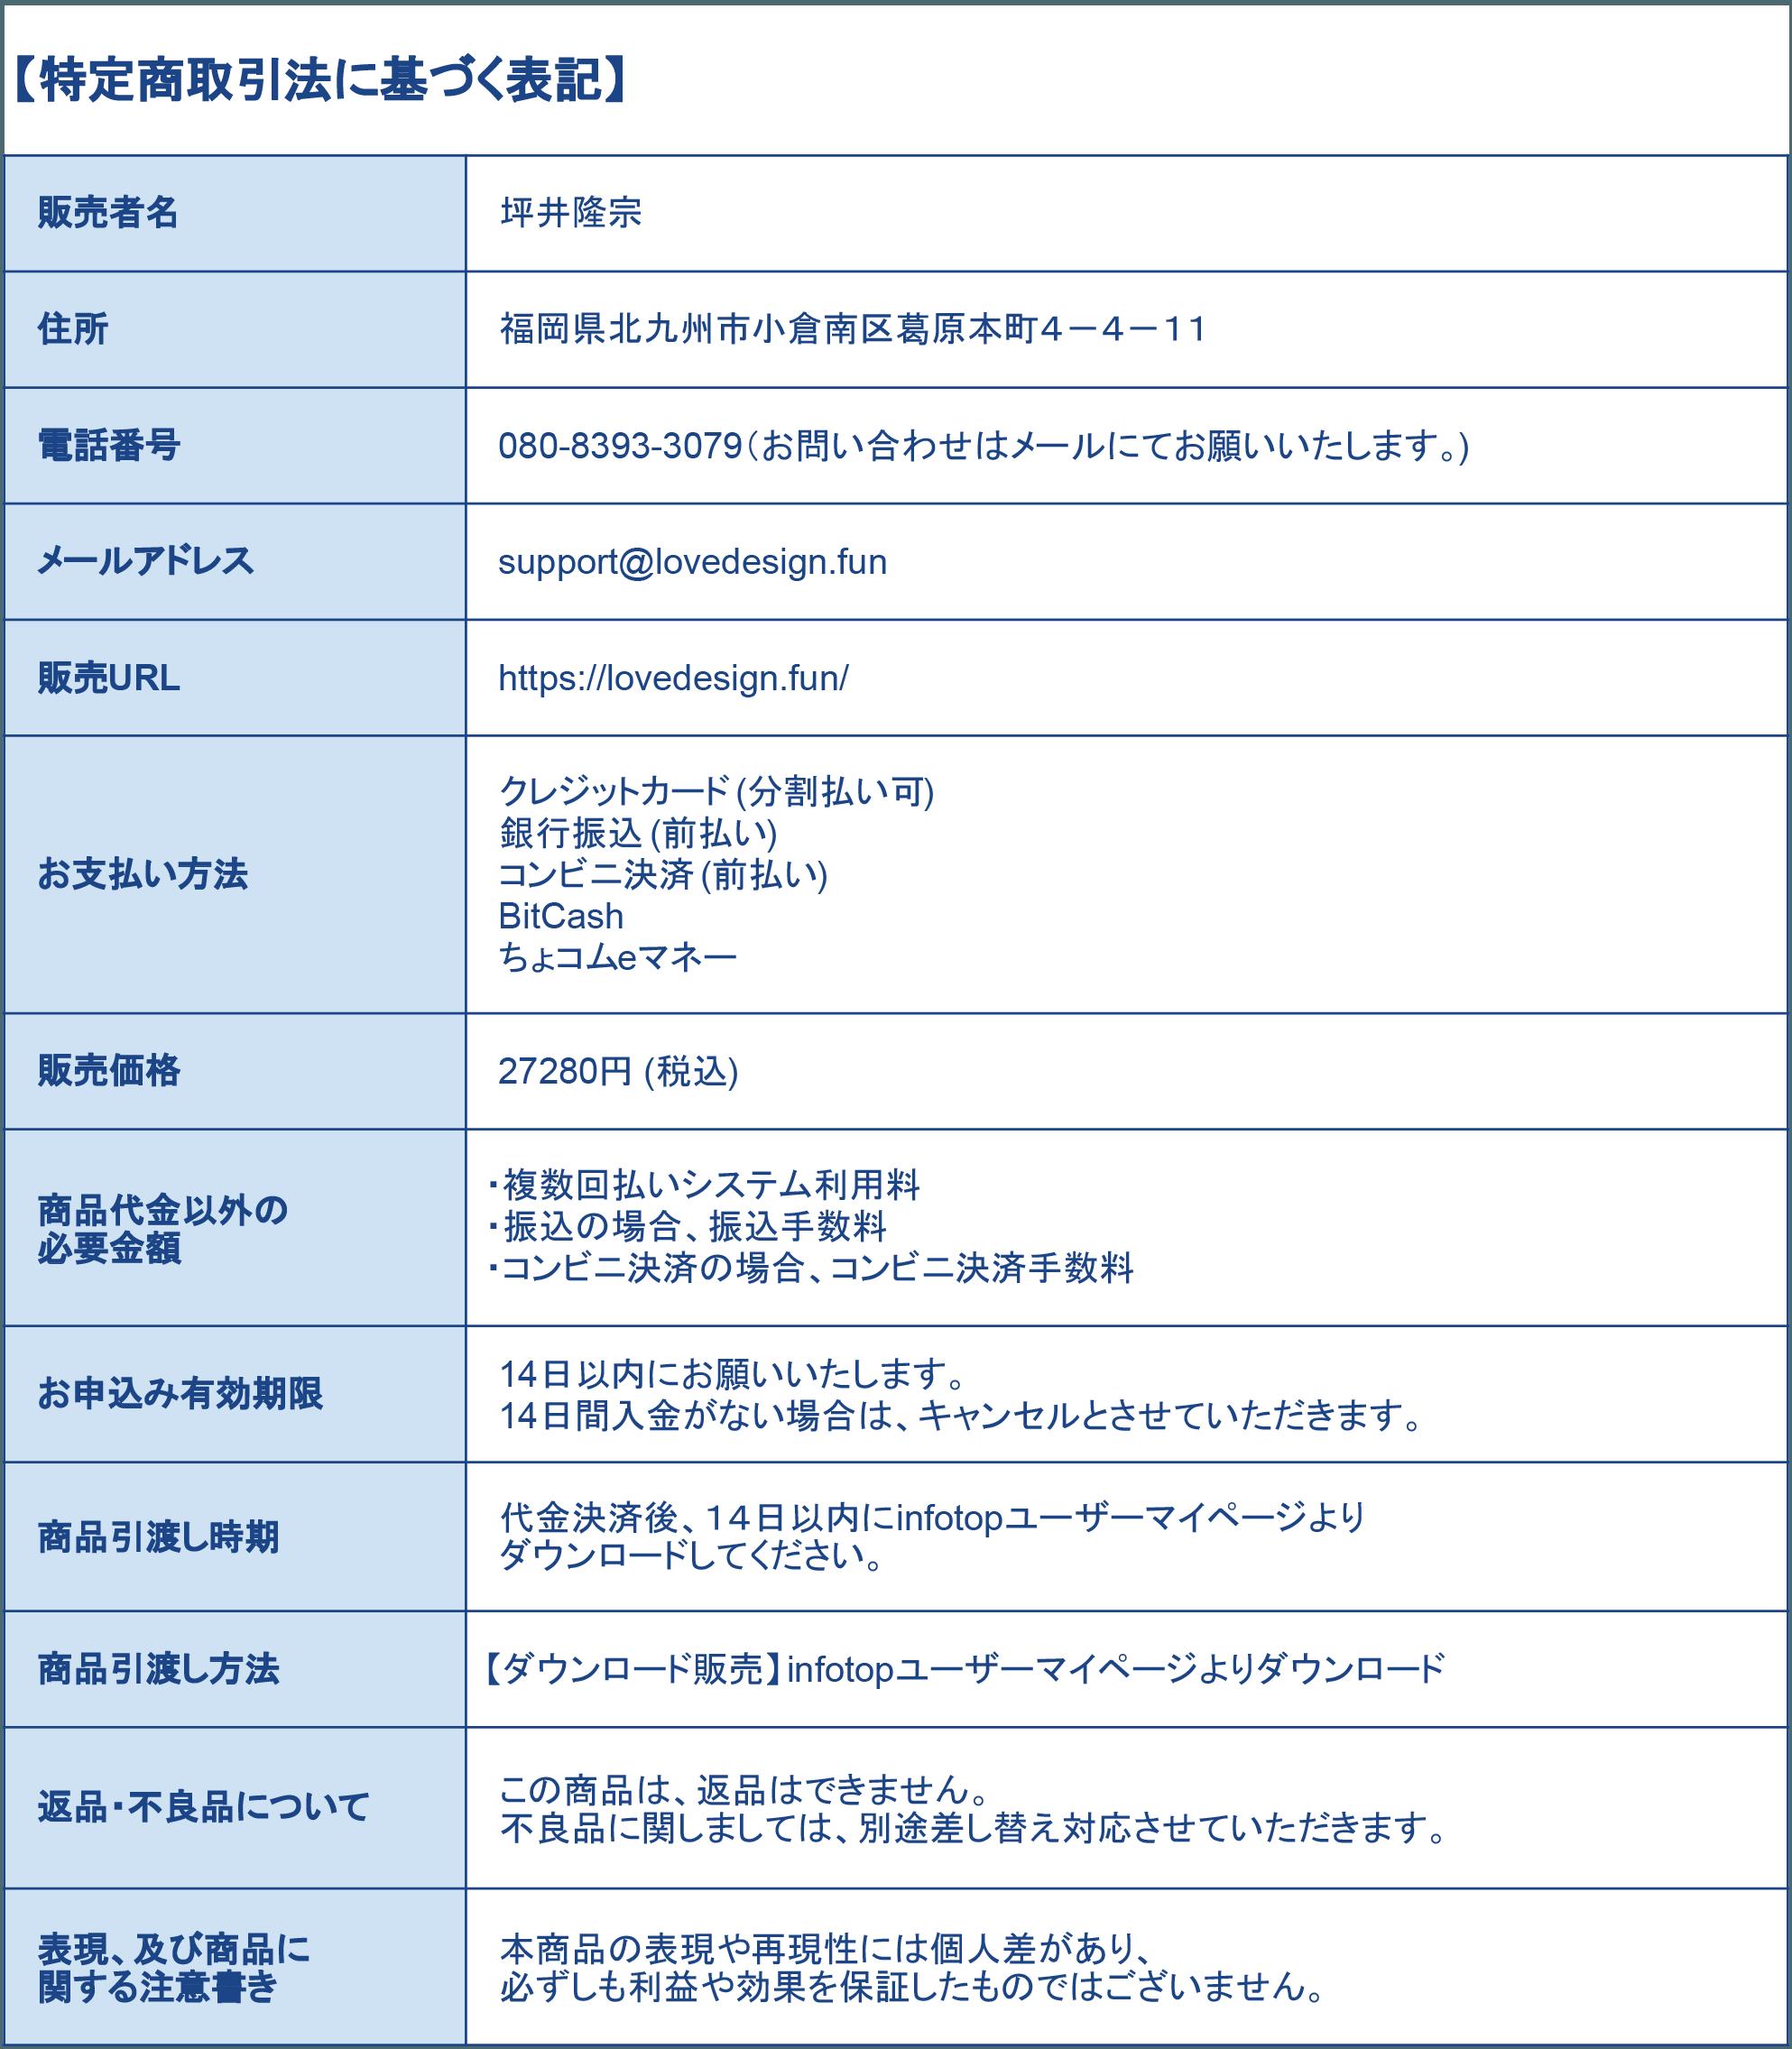 恋愛デザインメソッド特商法24800